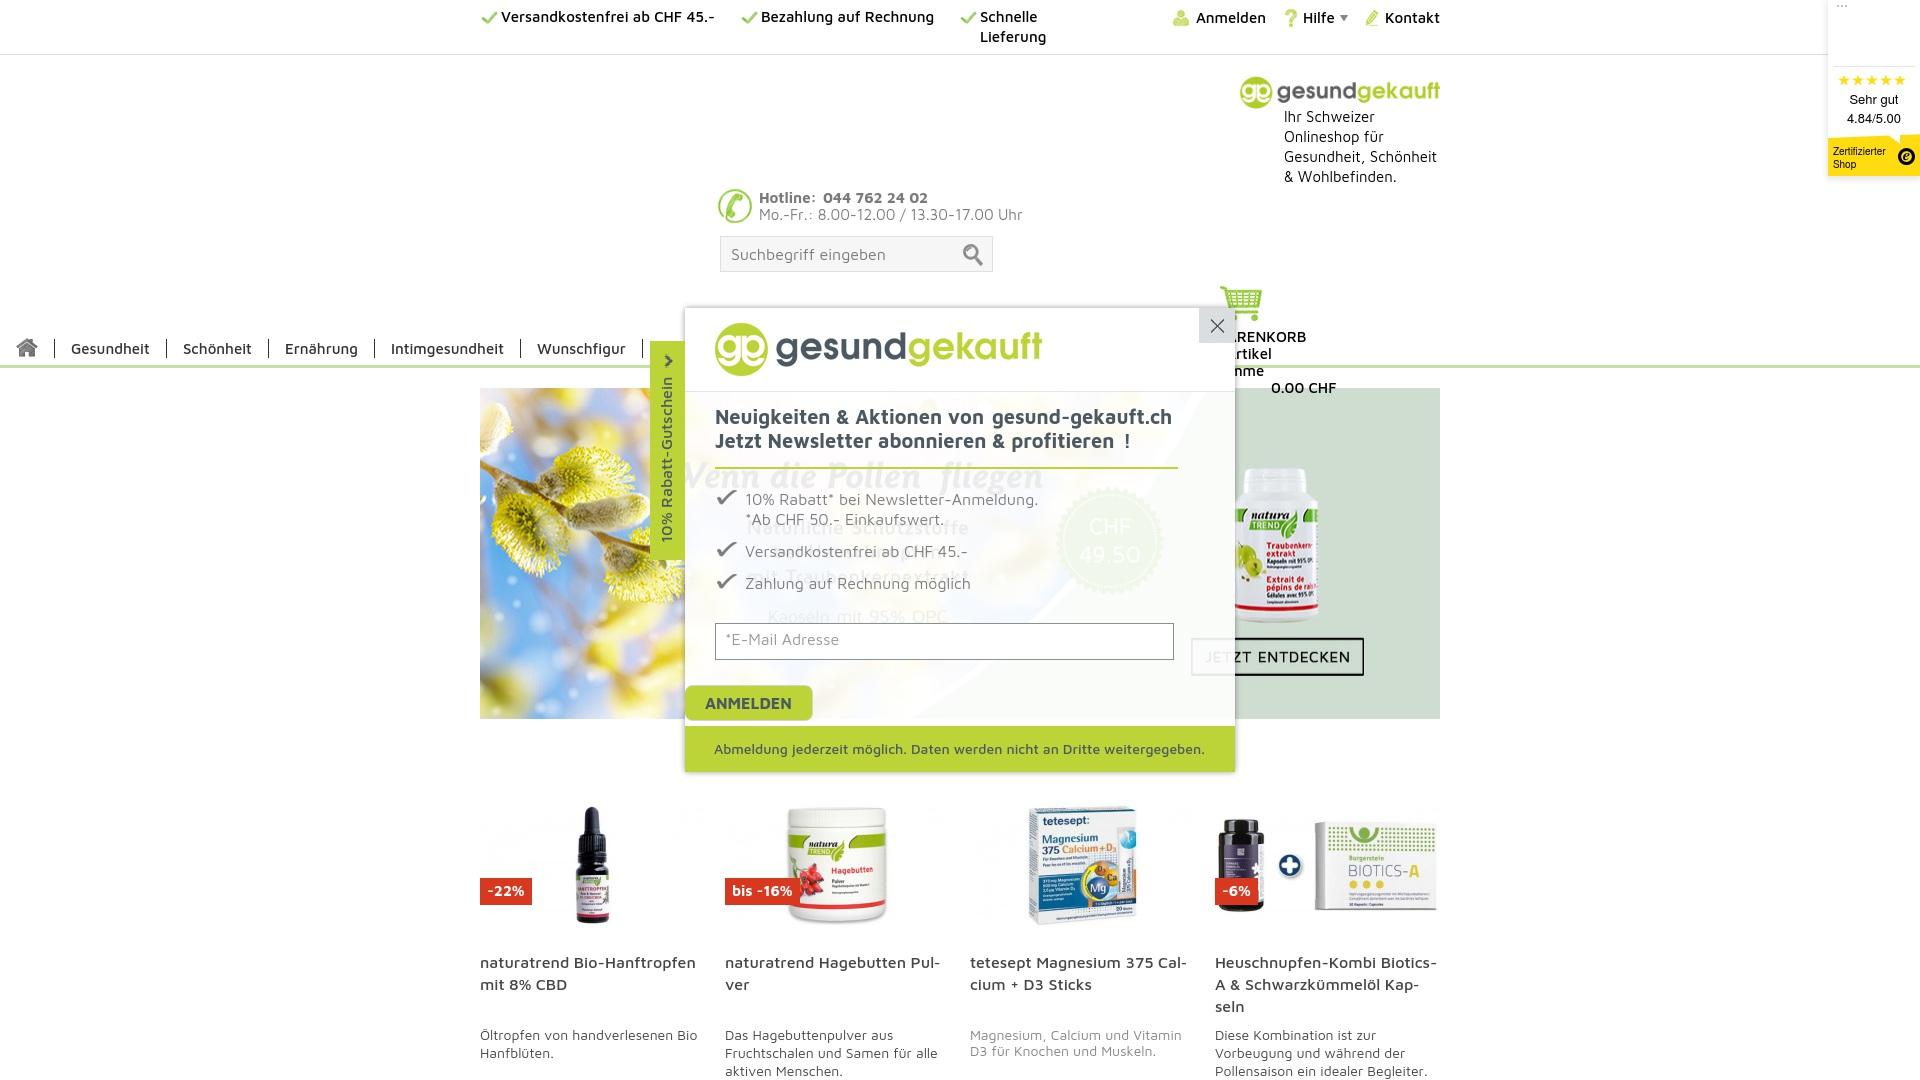 Gutschein für Gesund-gekauft: Rabatte für  Gesund-gekauft sichern